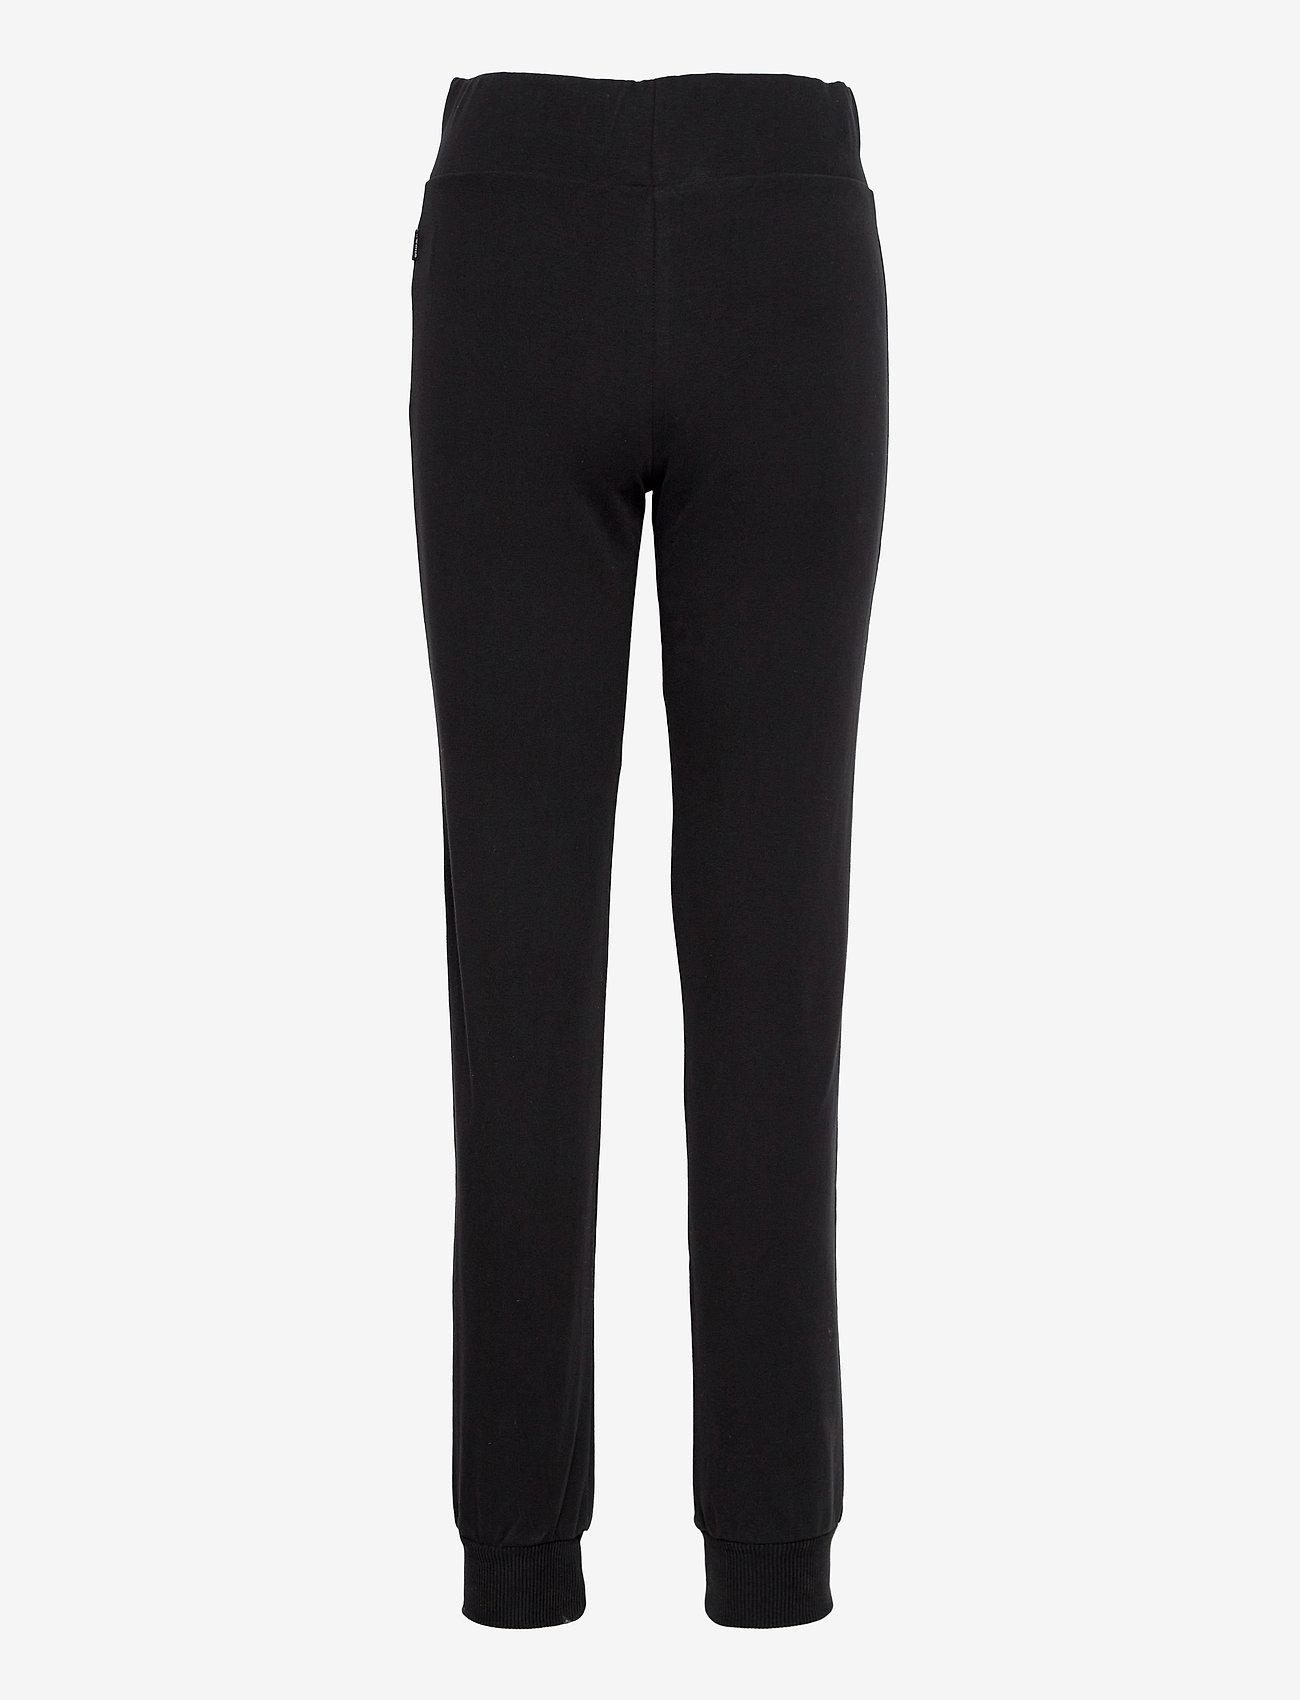 ella&il - Bibbi pants - vêtements - black - 1